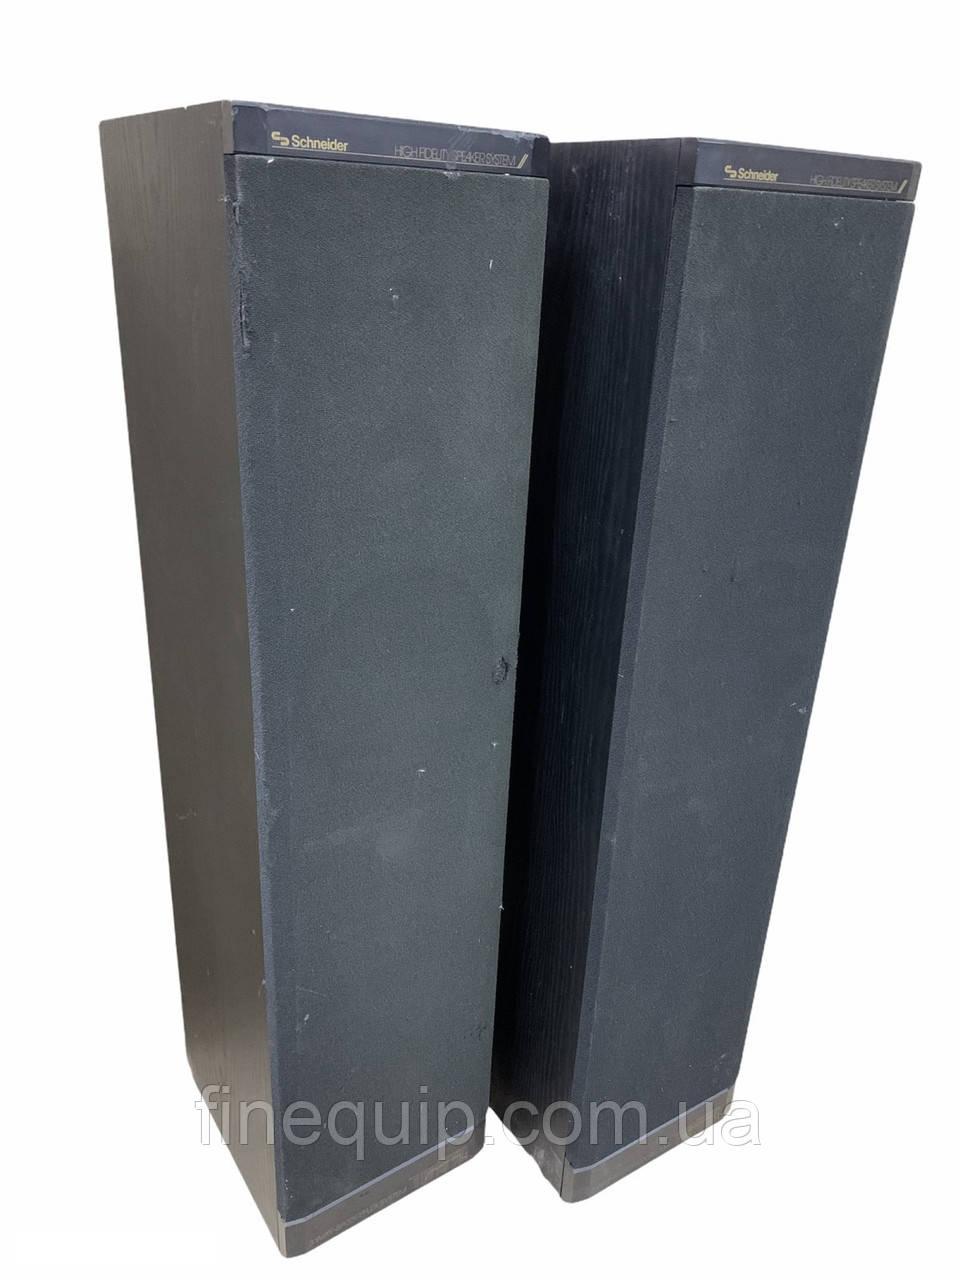 Акустичні Колонки  Schneider 8021.1 LS Б/В